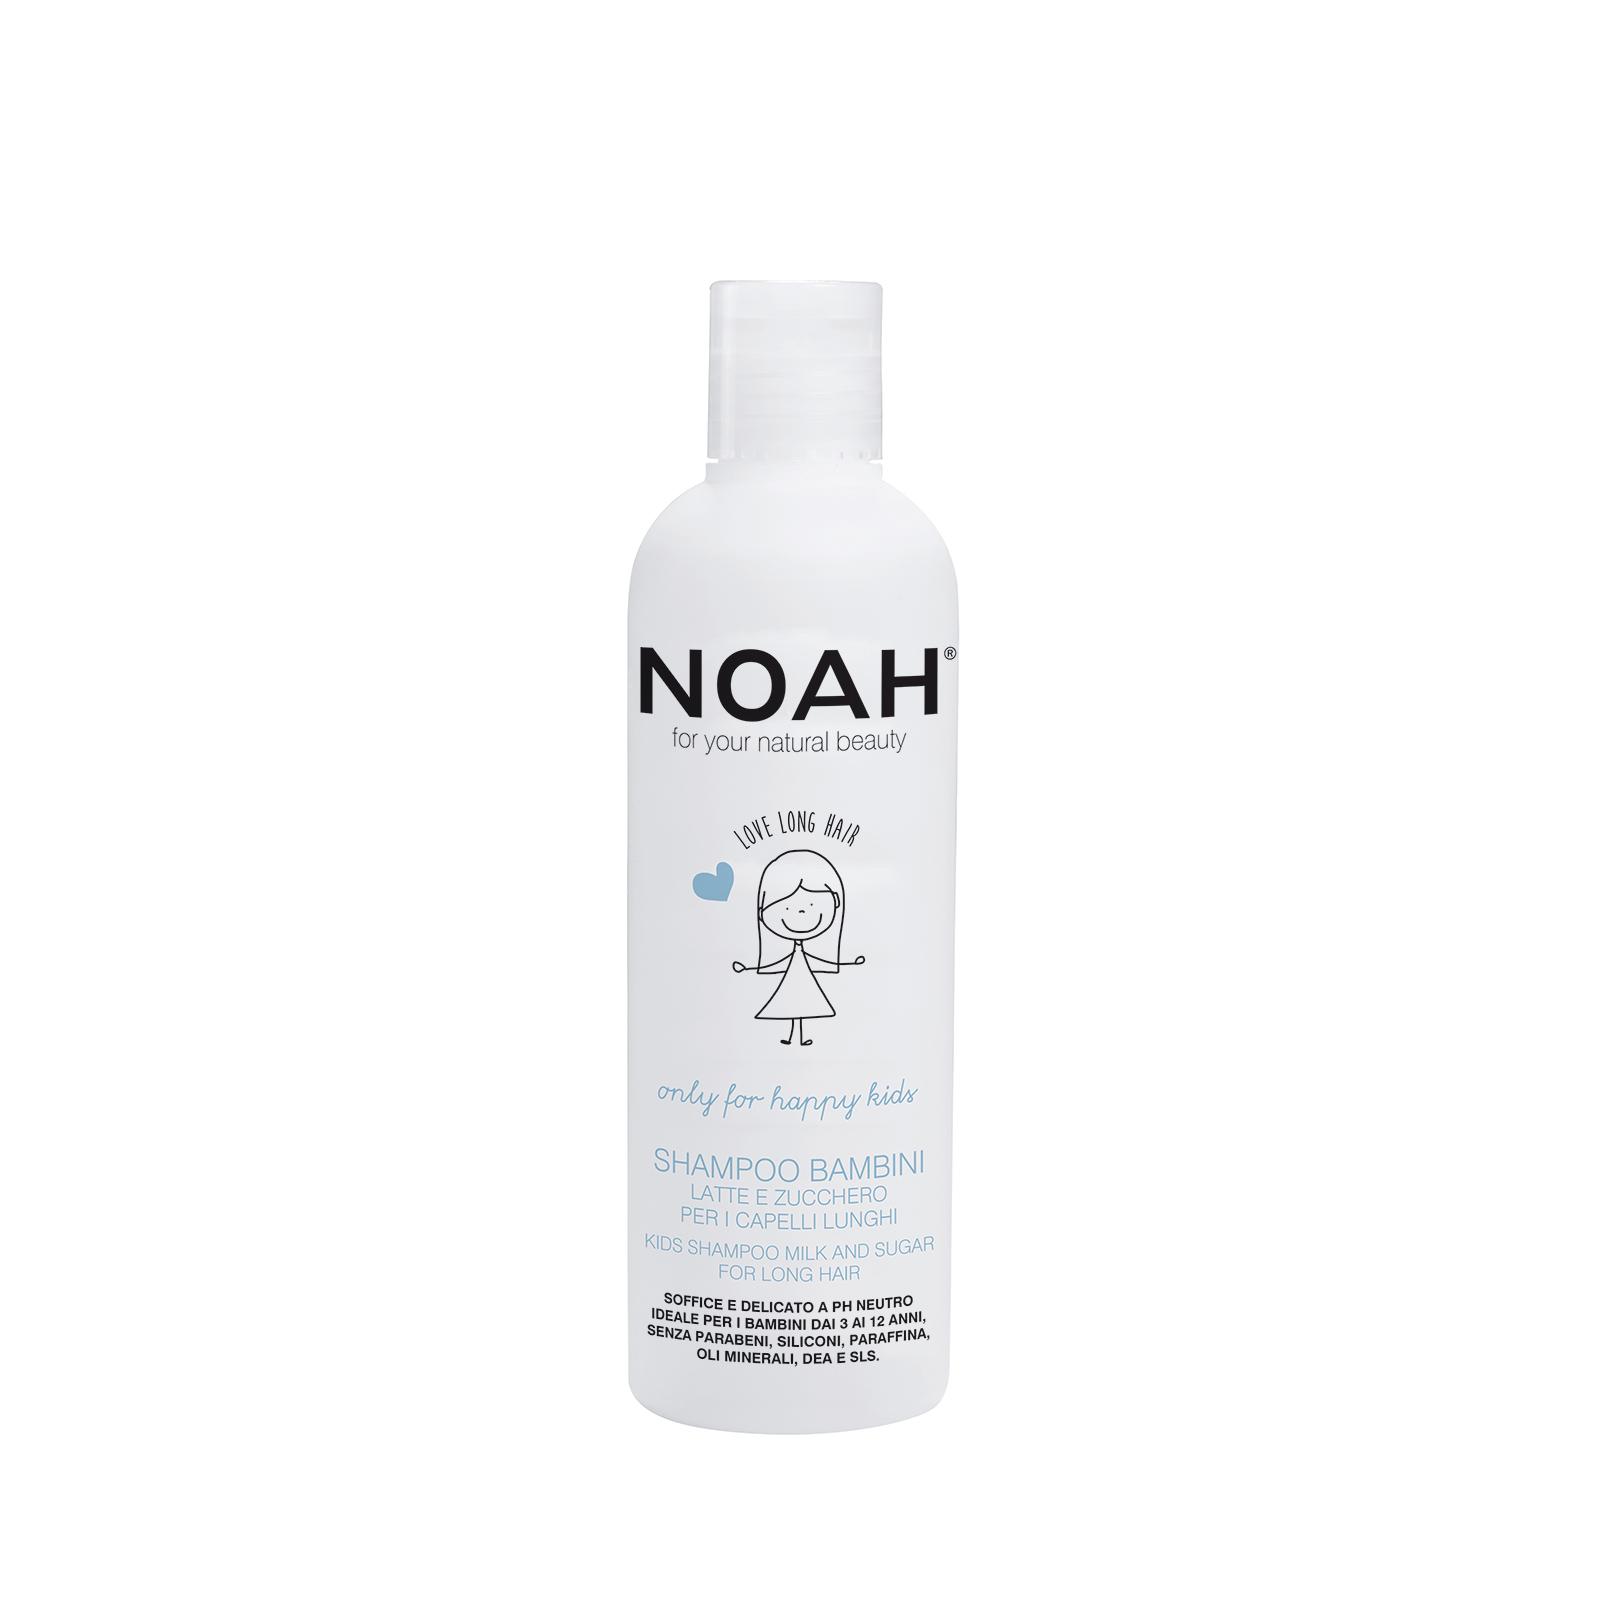 Vaikiškas šampūnas NOAH su pienu ir cukrumi ilgiems plaukams, 250 ml